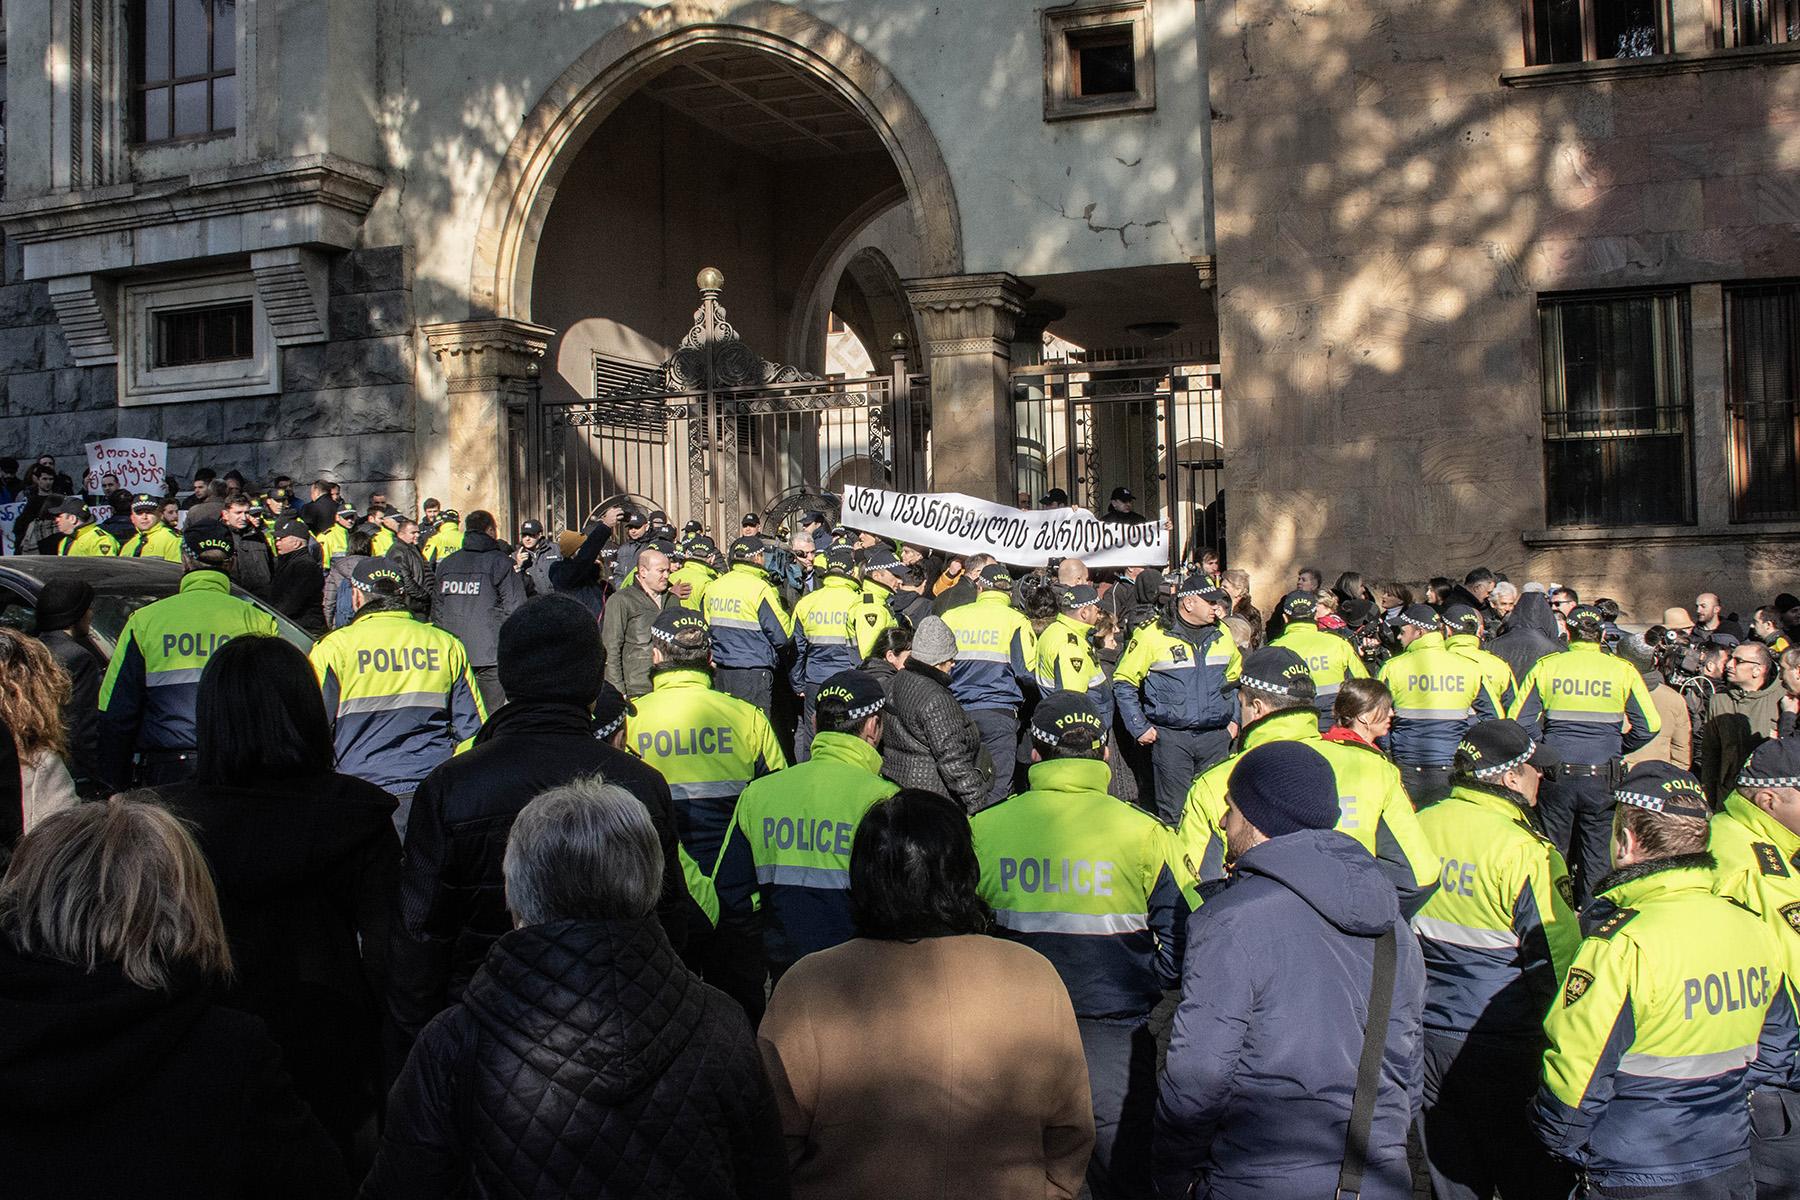 Протестующие создали «коридор позора» для депутатов, входящих в здание парламента. Фото: Шота Хинча/OC Media.